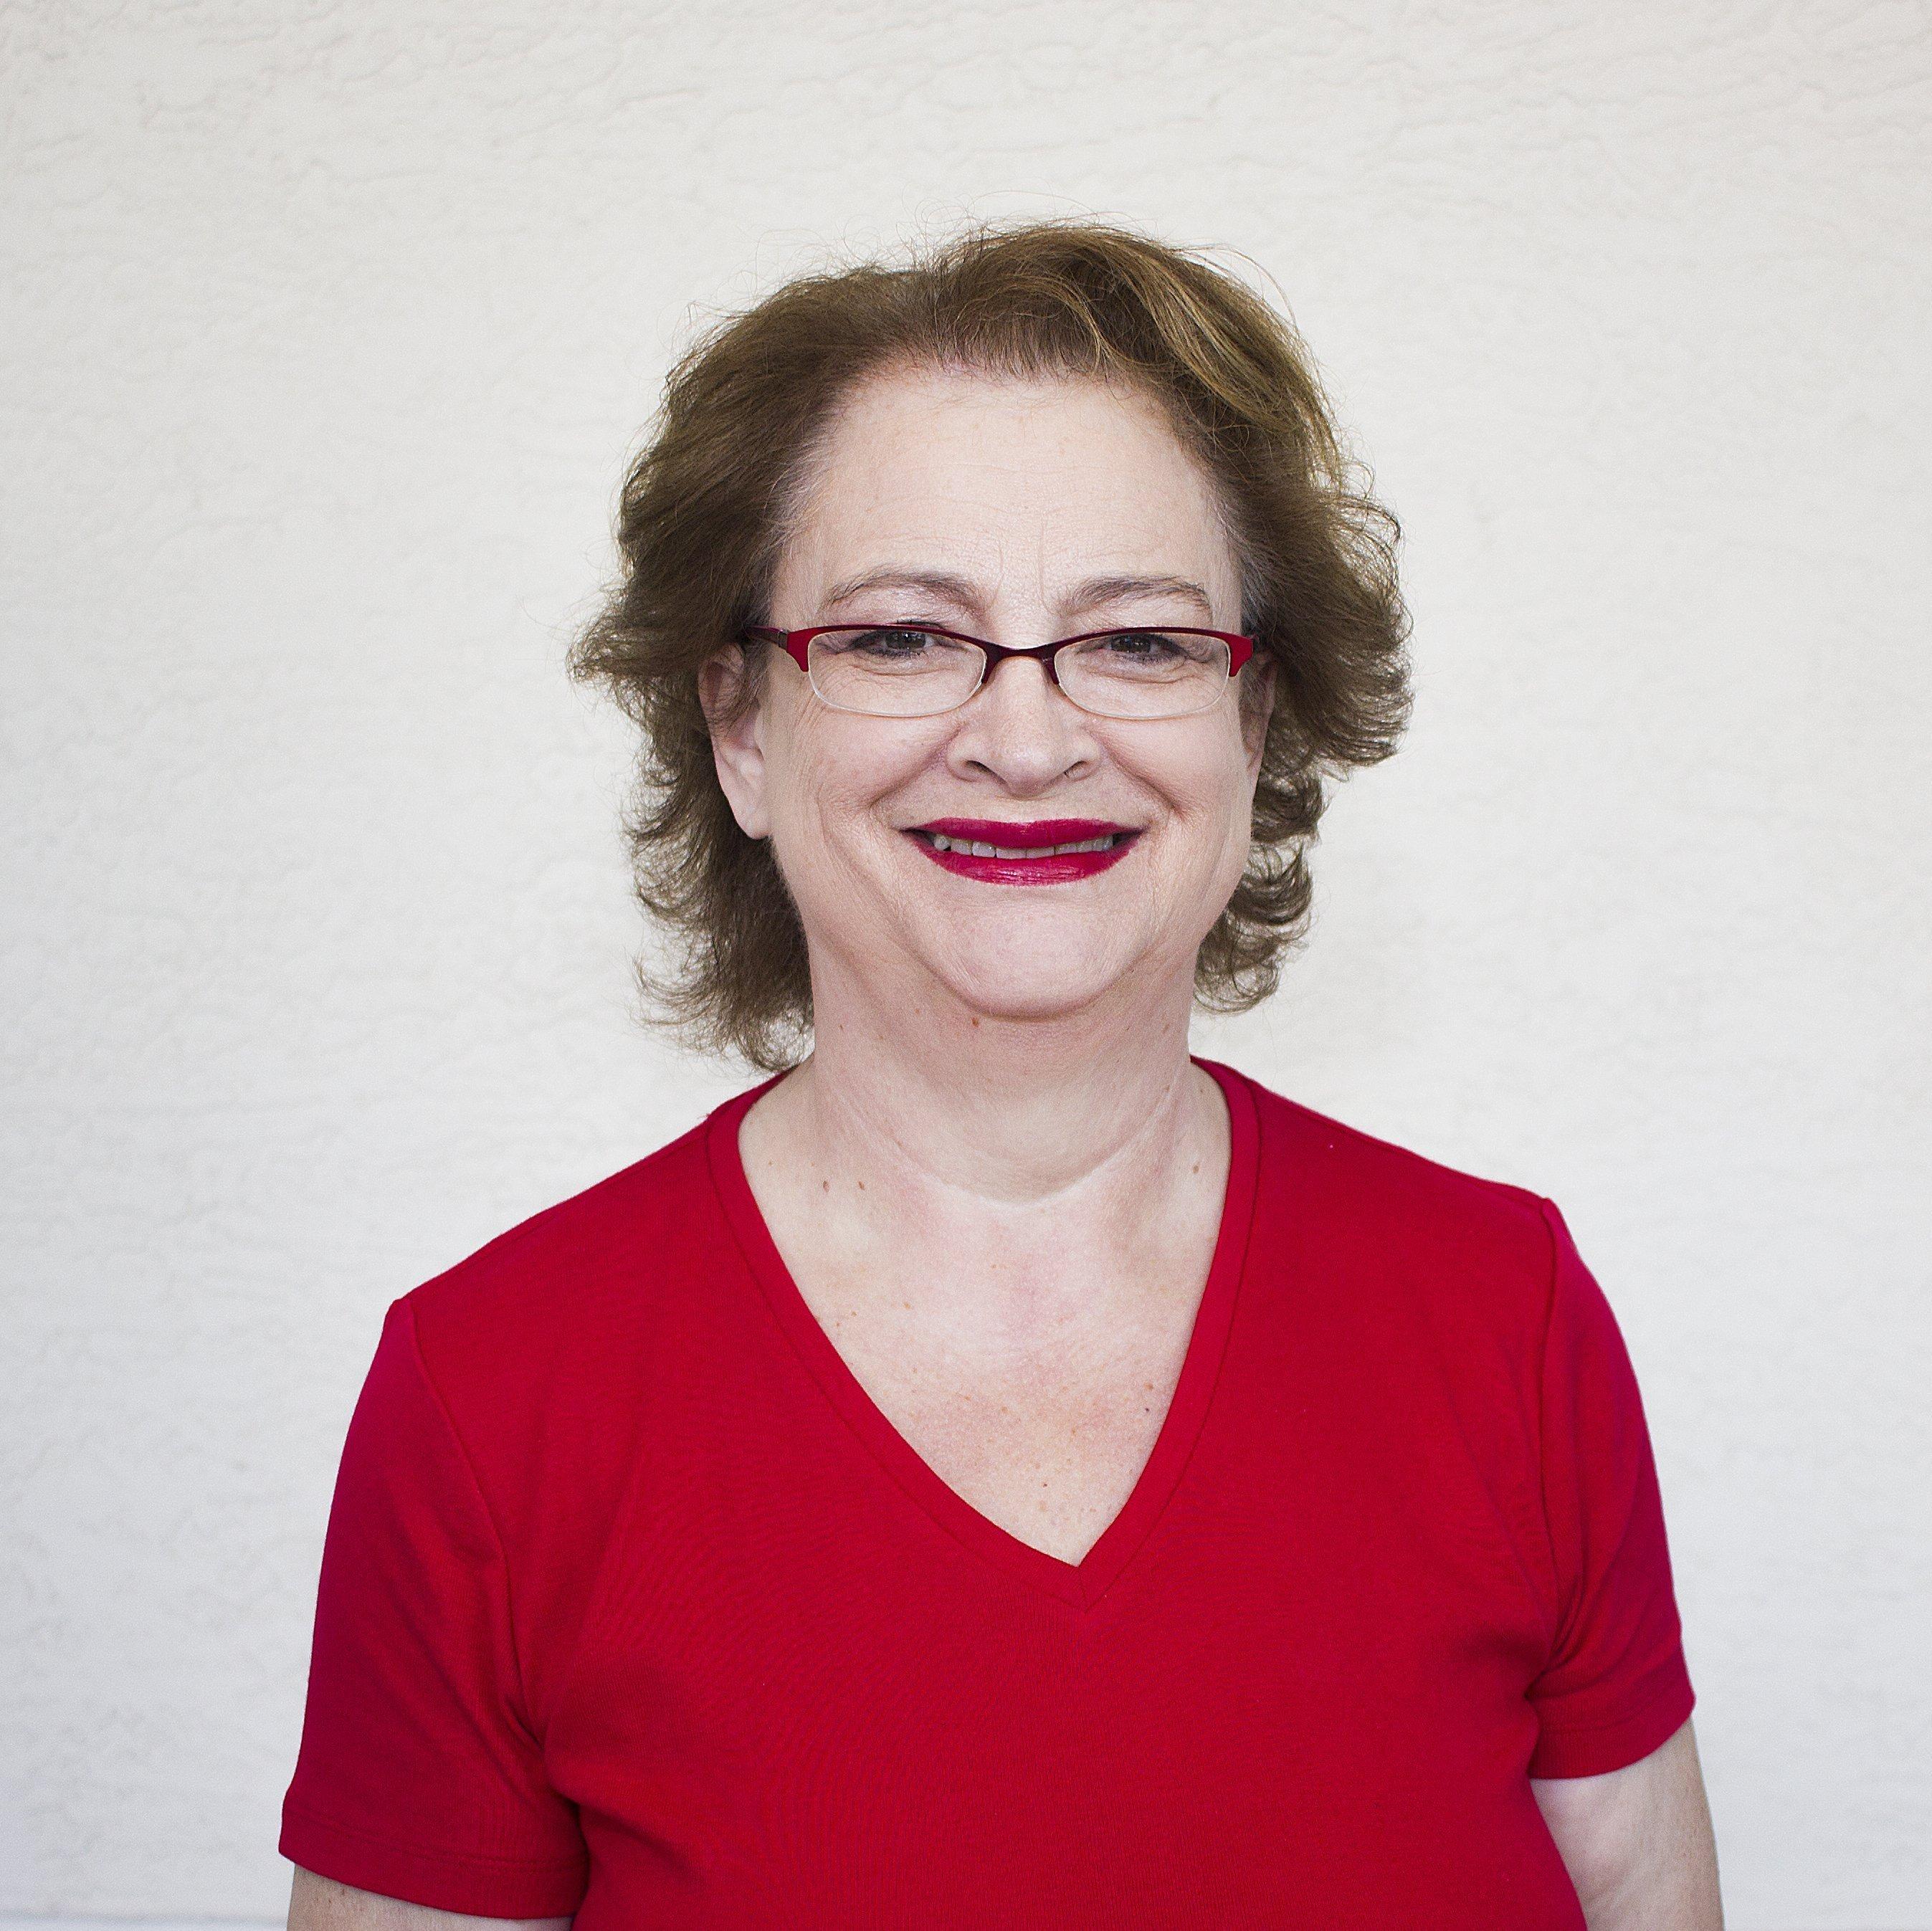 Donna Dearden